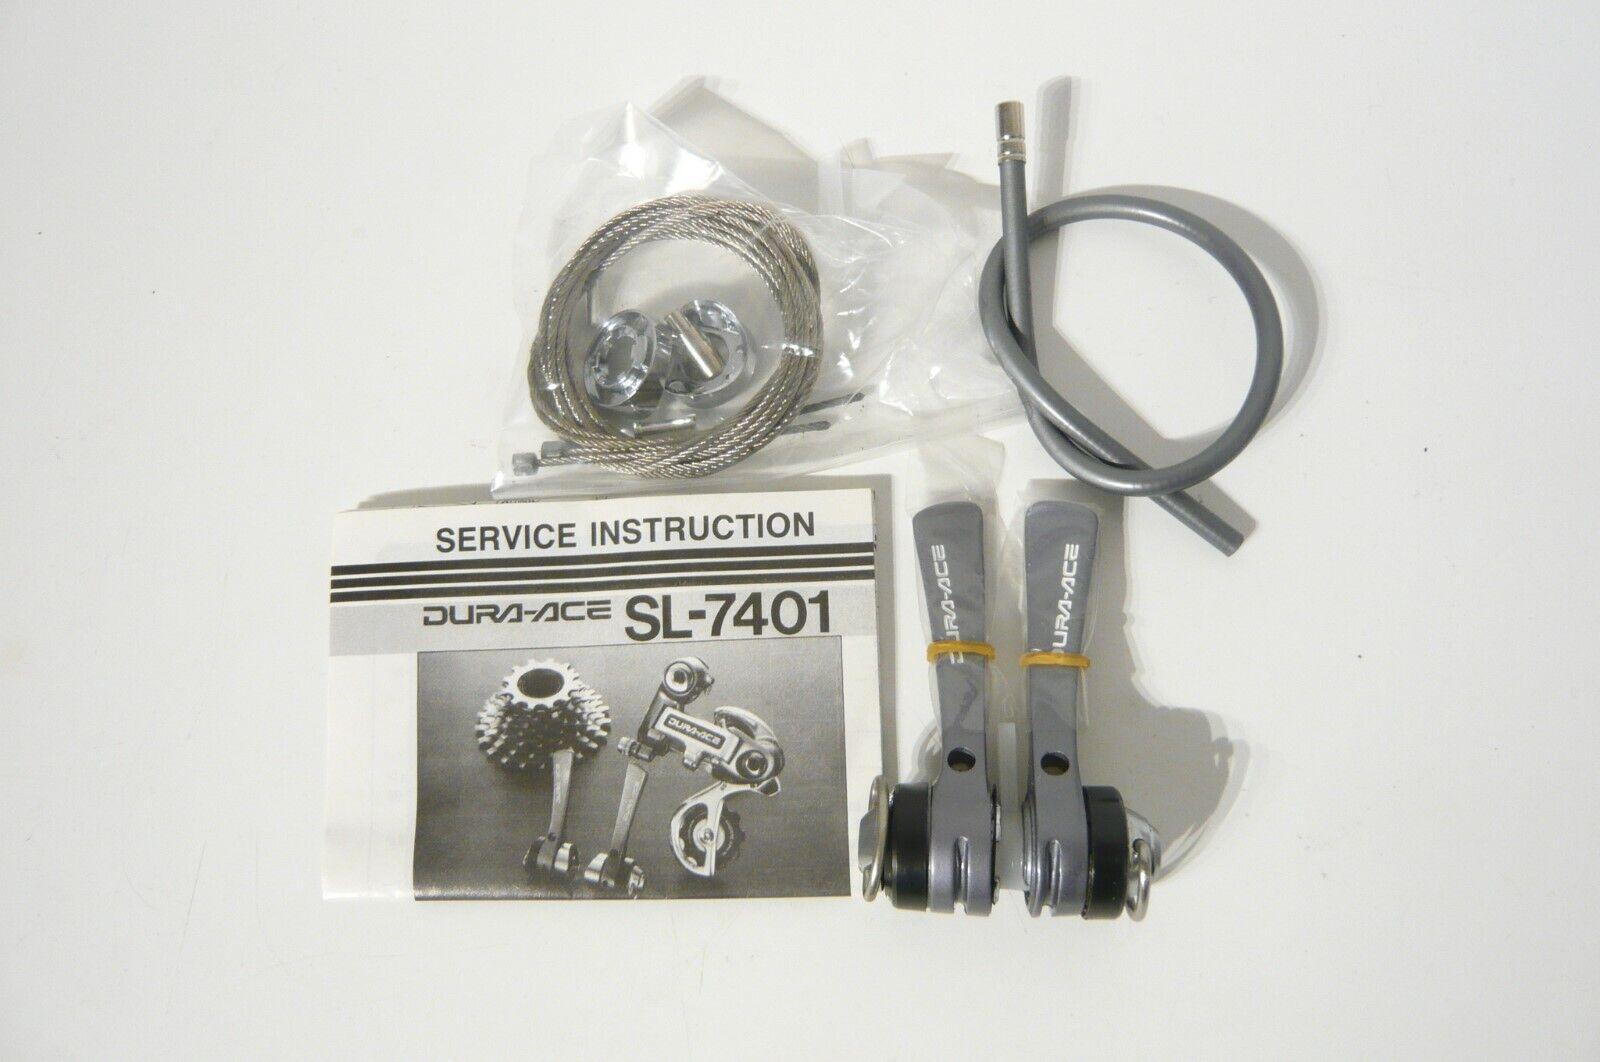 Shimano SL-7401 Dura Ace 7 conjunto de palanca de cambio de velocidad